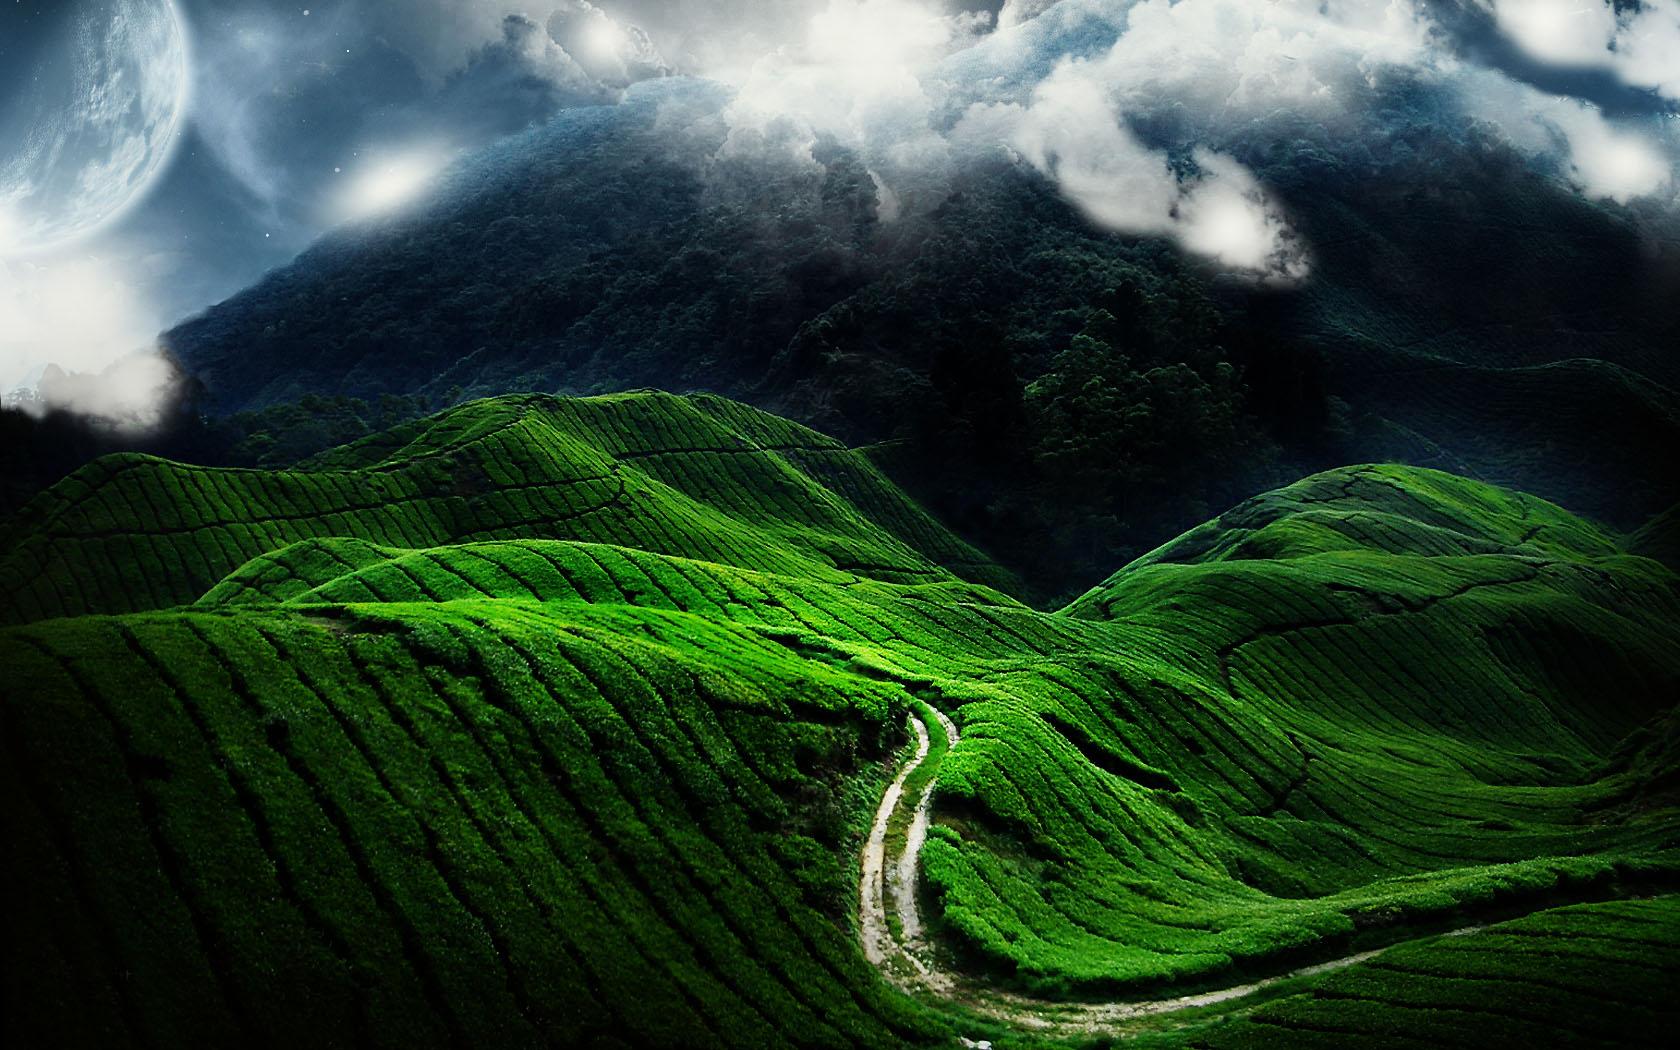 Sfondo hd fantasy natura sfondi hd gratis for Immagini sfondo hd